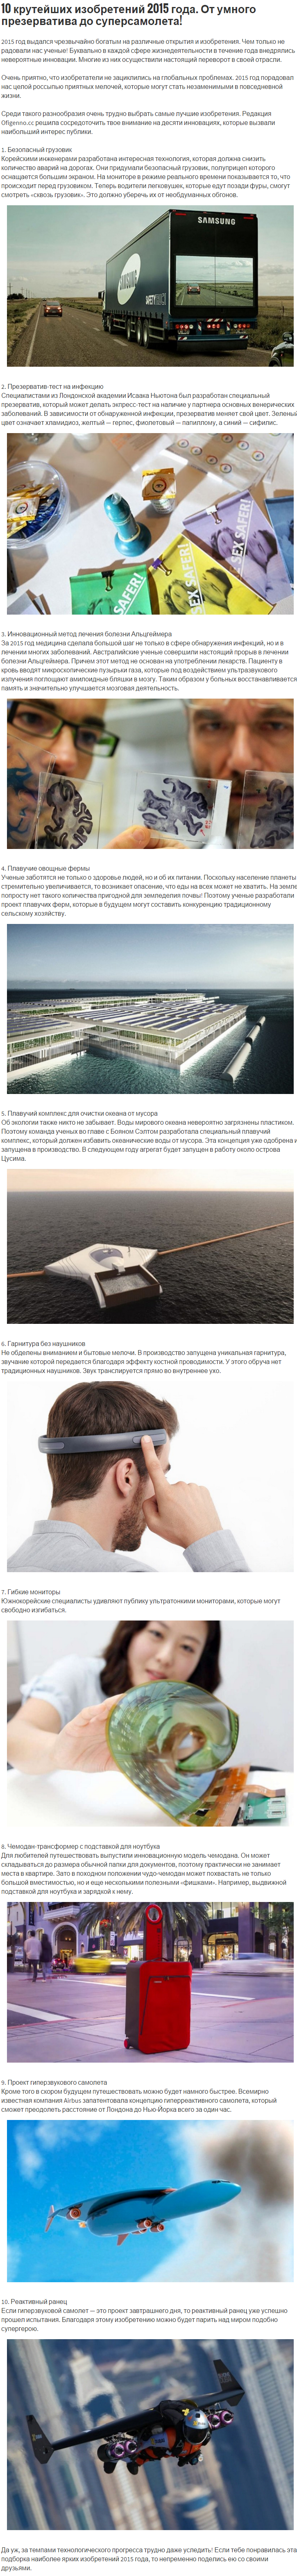 10 крутейших изобретений 2015 года. От умного презерватива до суперсамолета!